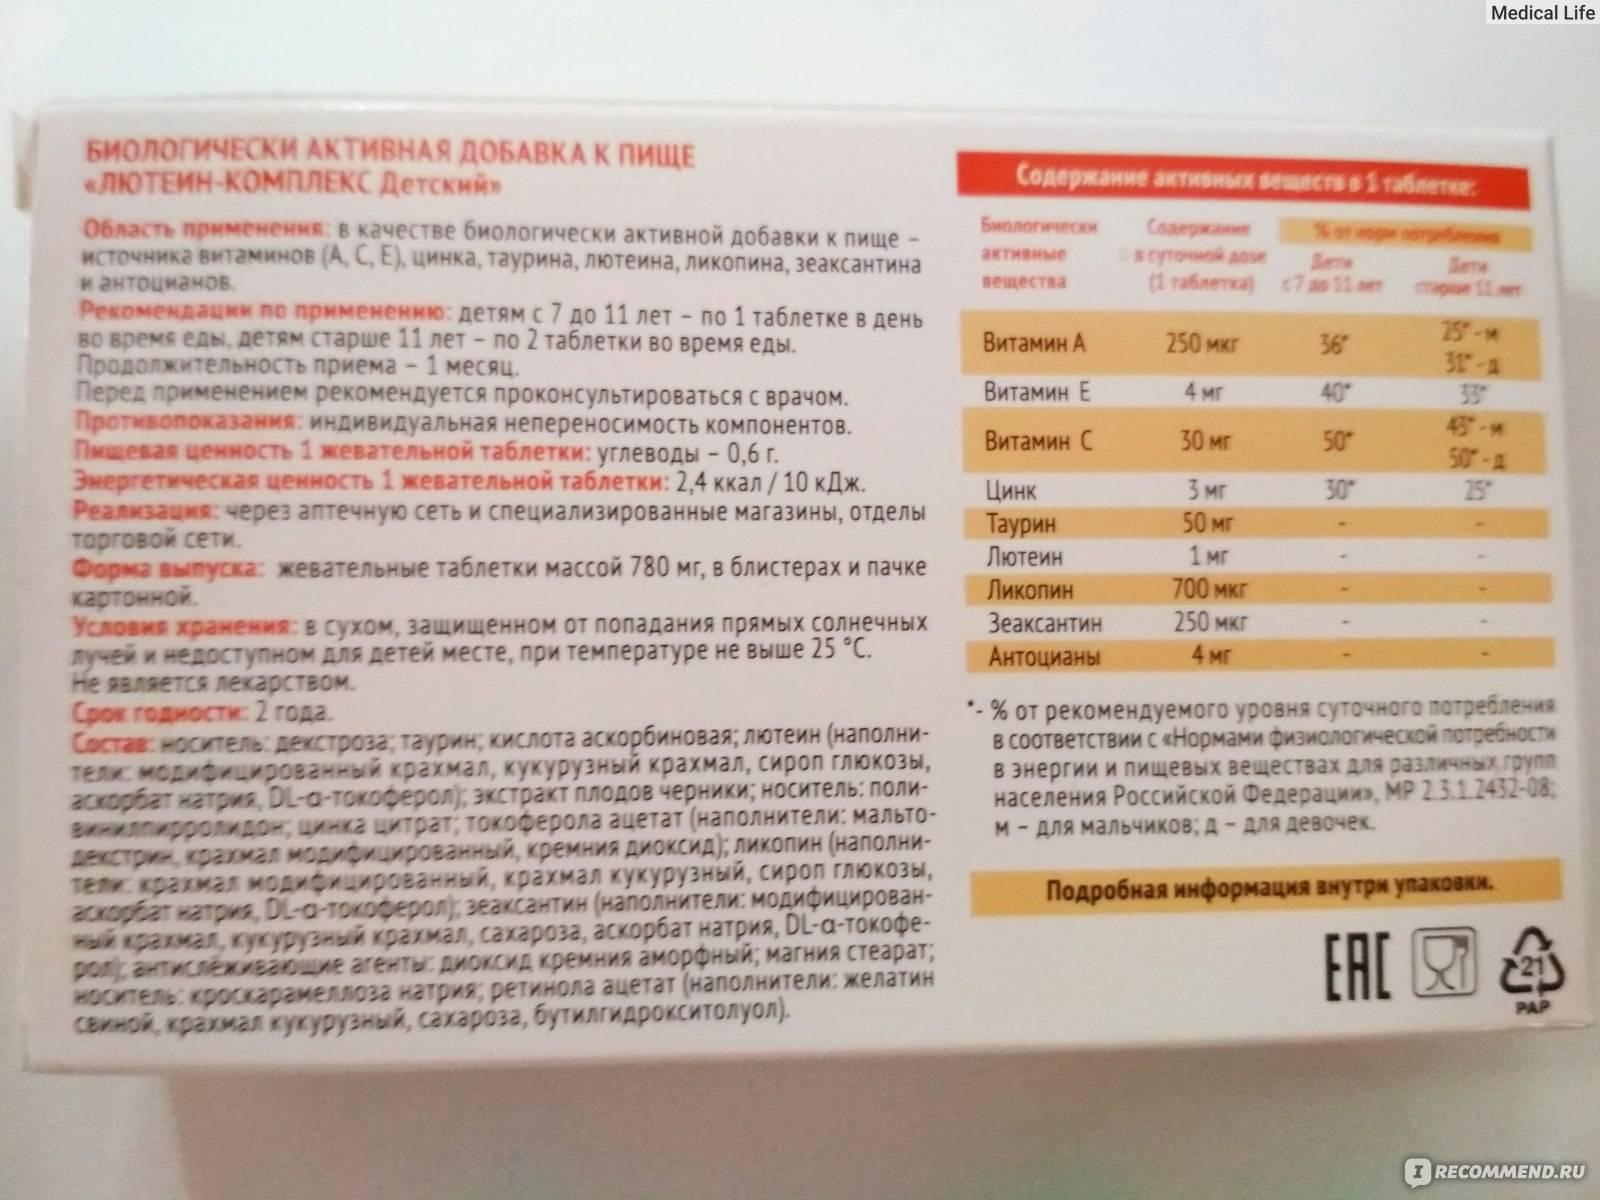 Лютеин-комплекс детский, витамины для глаз с лютеином: инструкция по применению, отзывы и аналоги, цены в аптеках